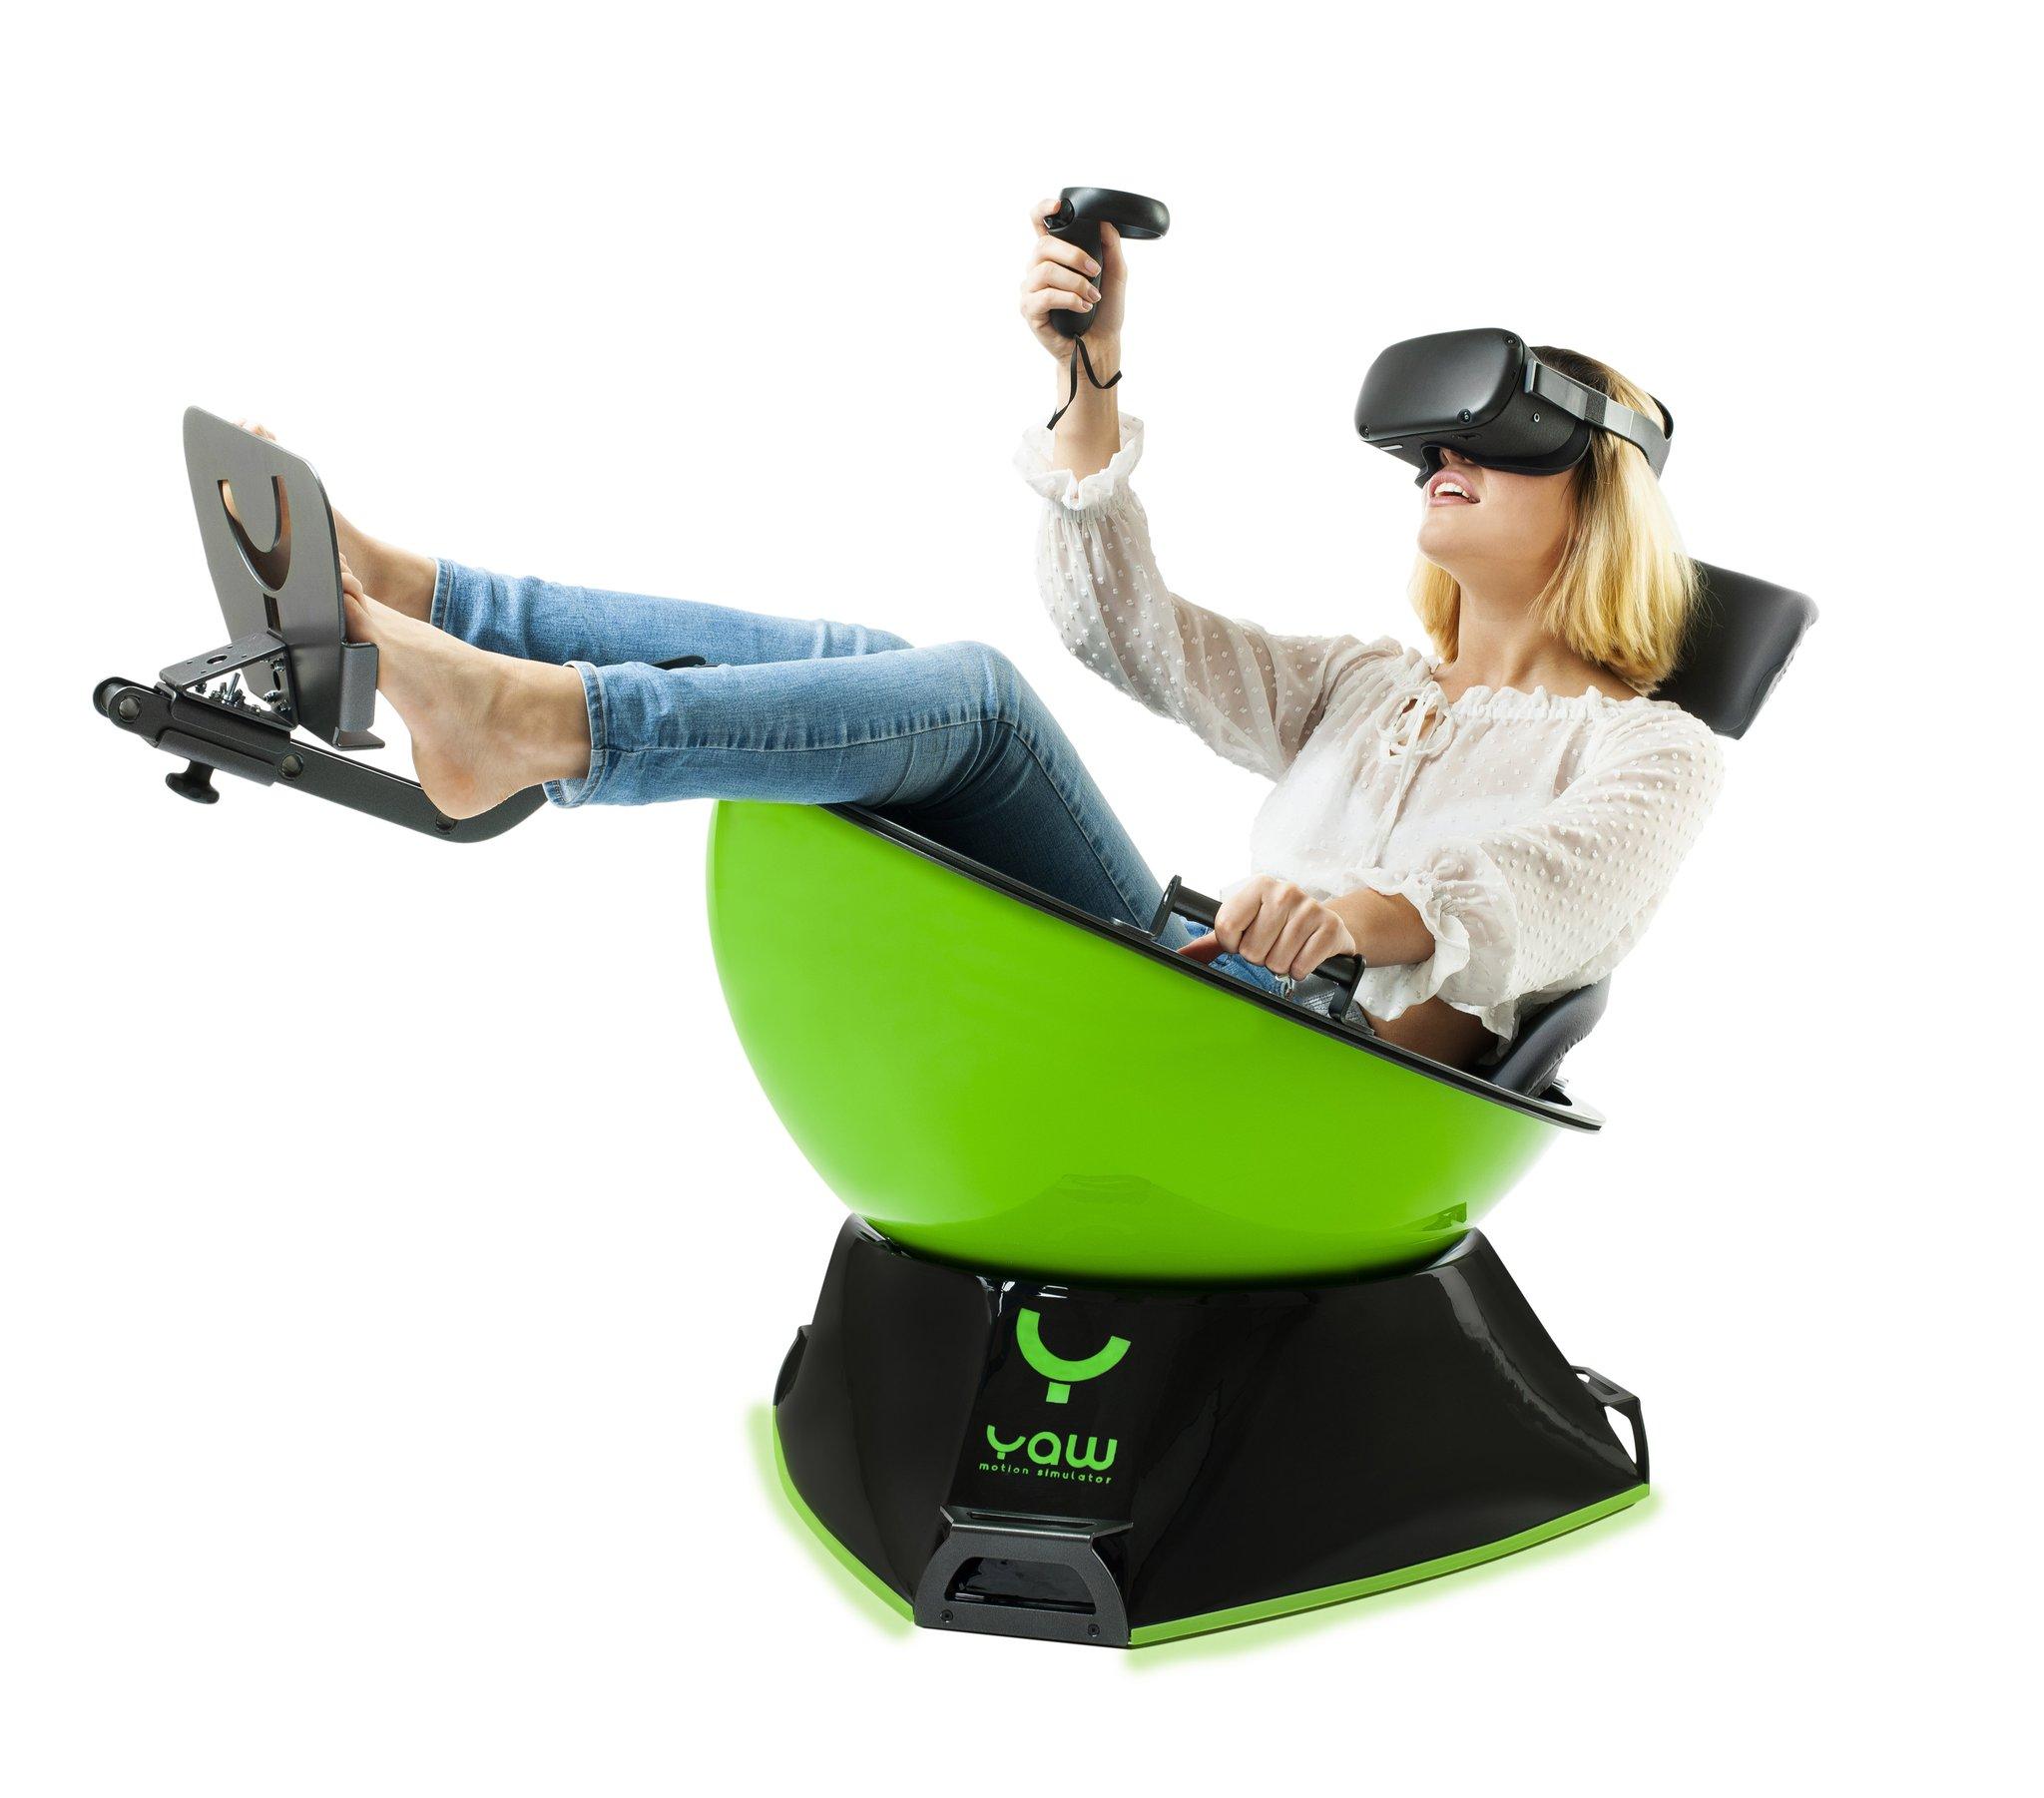 bộ ghế lái mô phỏng chuyển động lái xe ô tô đua xe thực tế ảo